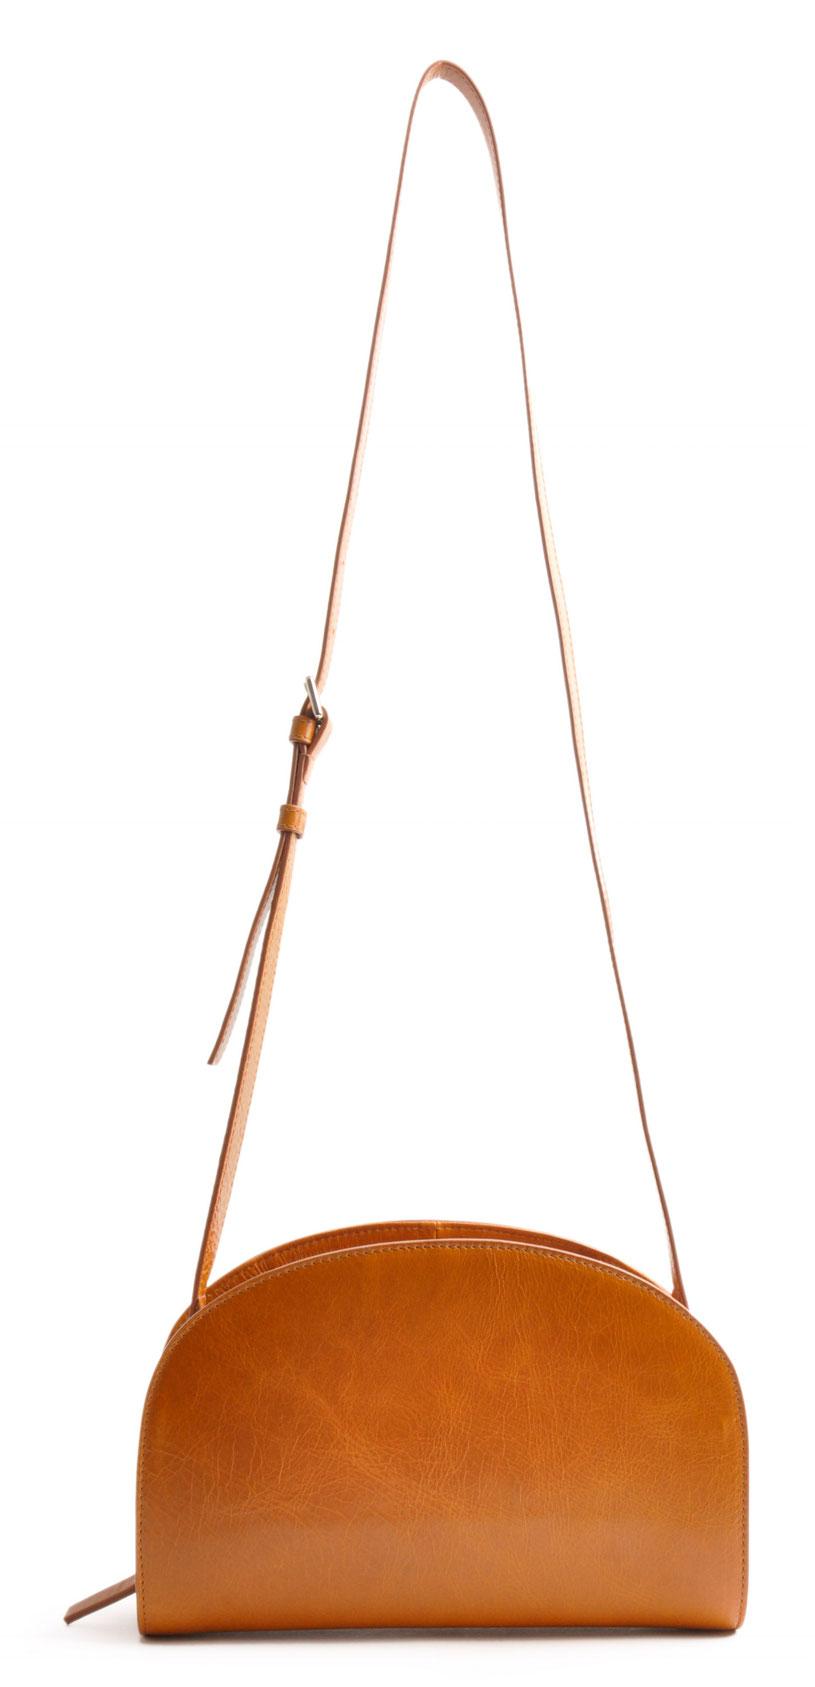 Handarbeit Ledertasche ZOE cognac  German Design OSTWALD Traditional Craft